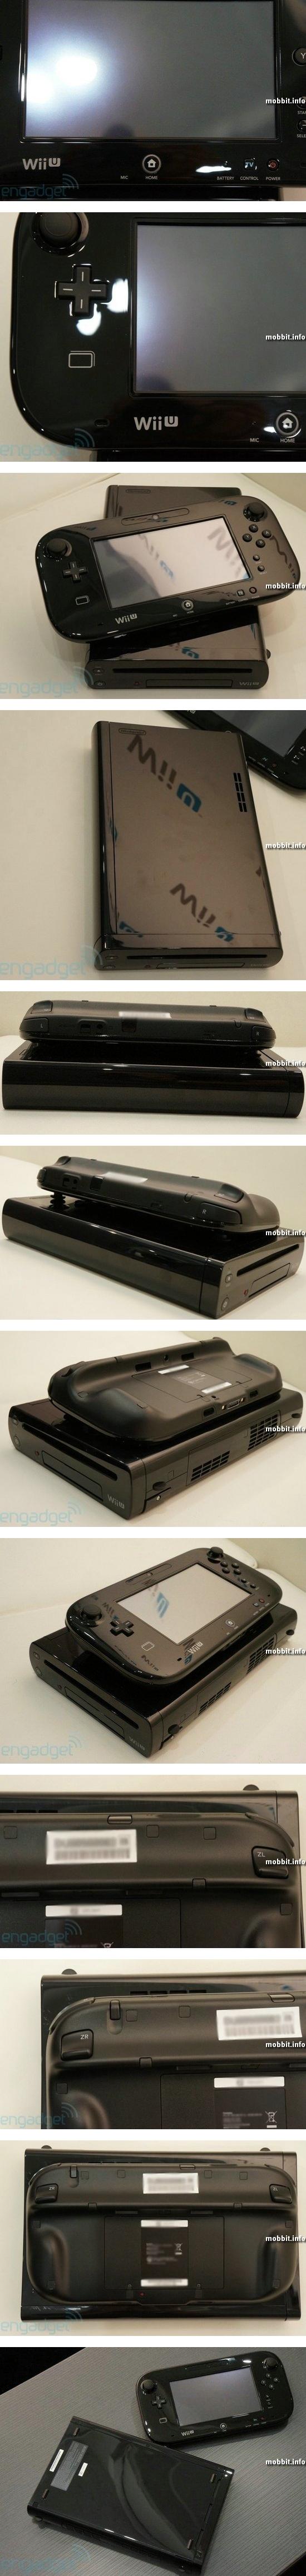 Игровая консоль Nintendo Wii U